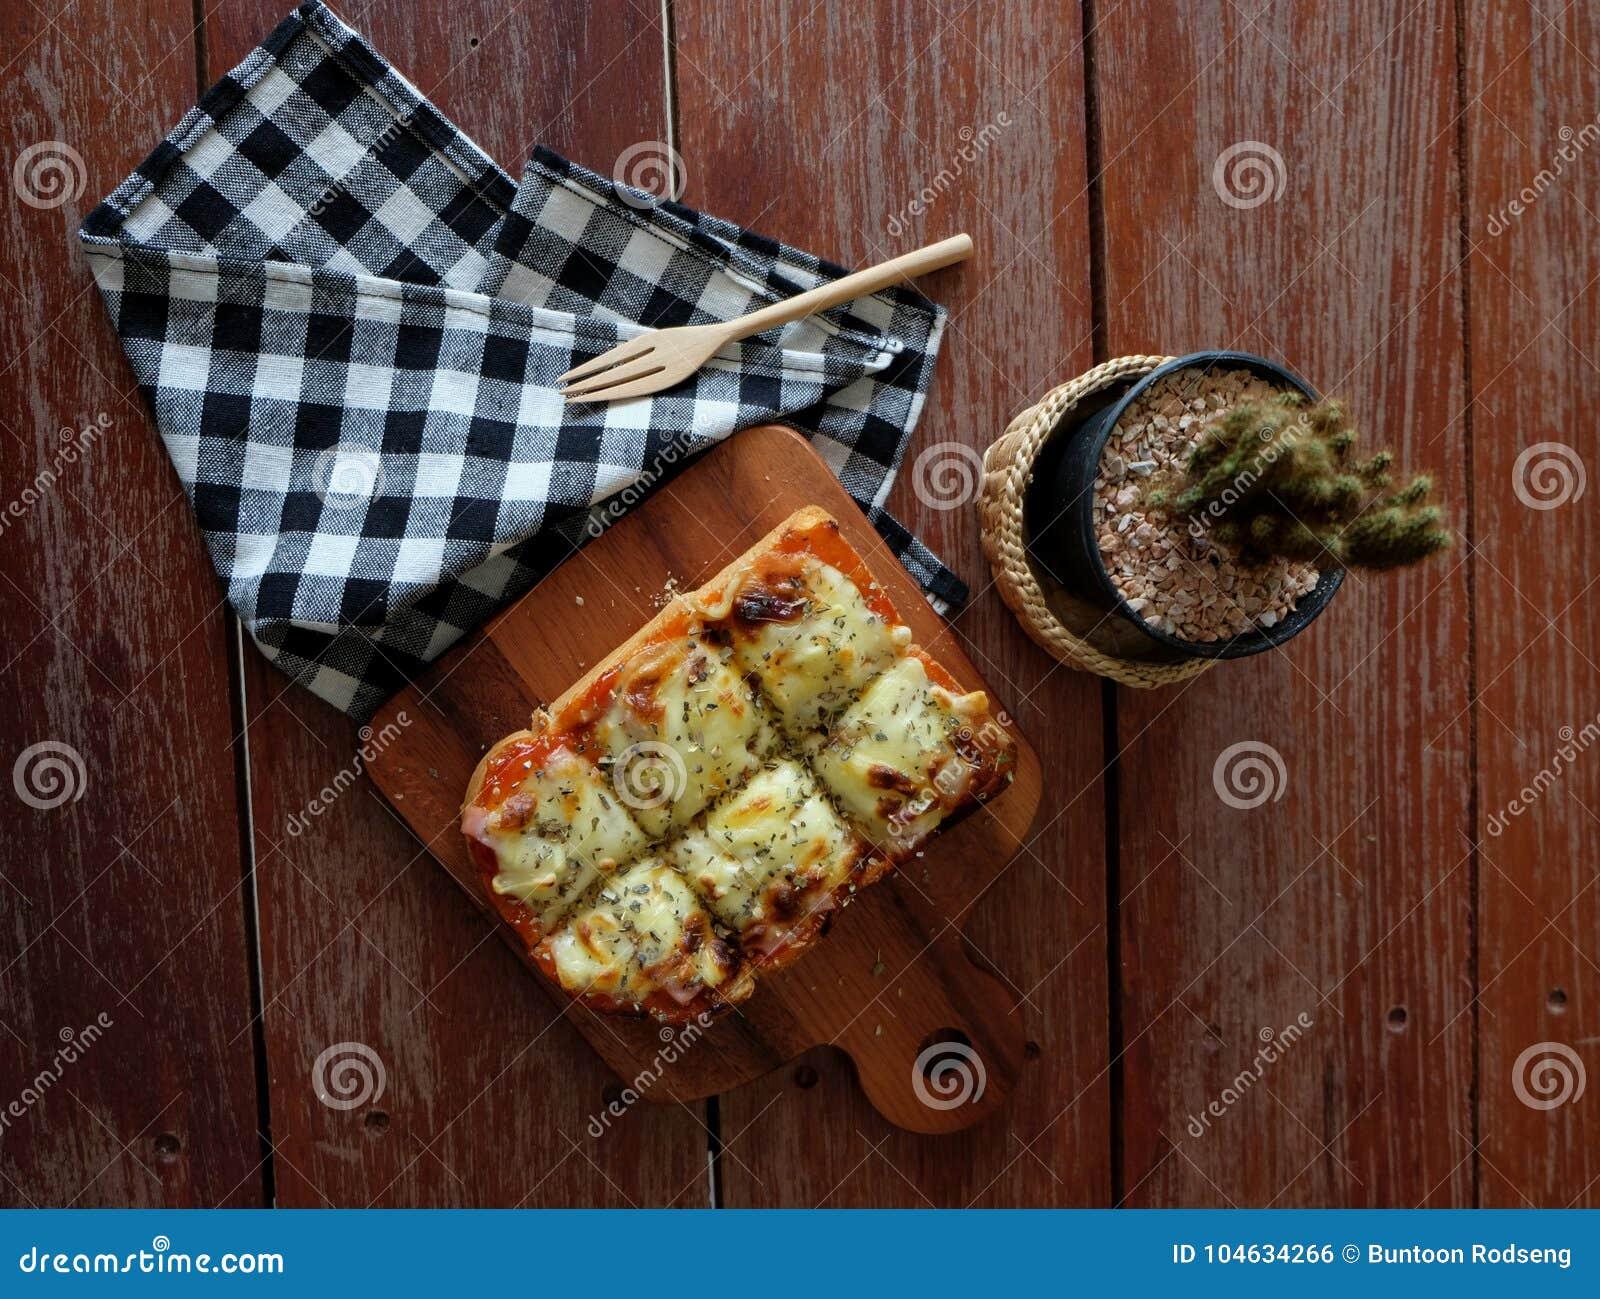 Download Pizza Geroosterd Brood Met Tomatensaus En Hamkaas Stock Foto - Afbeelding bestaande uit rood, ontbijt: 104634266